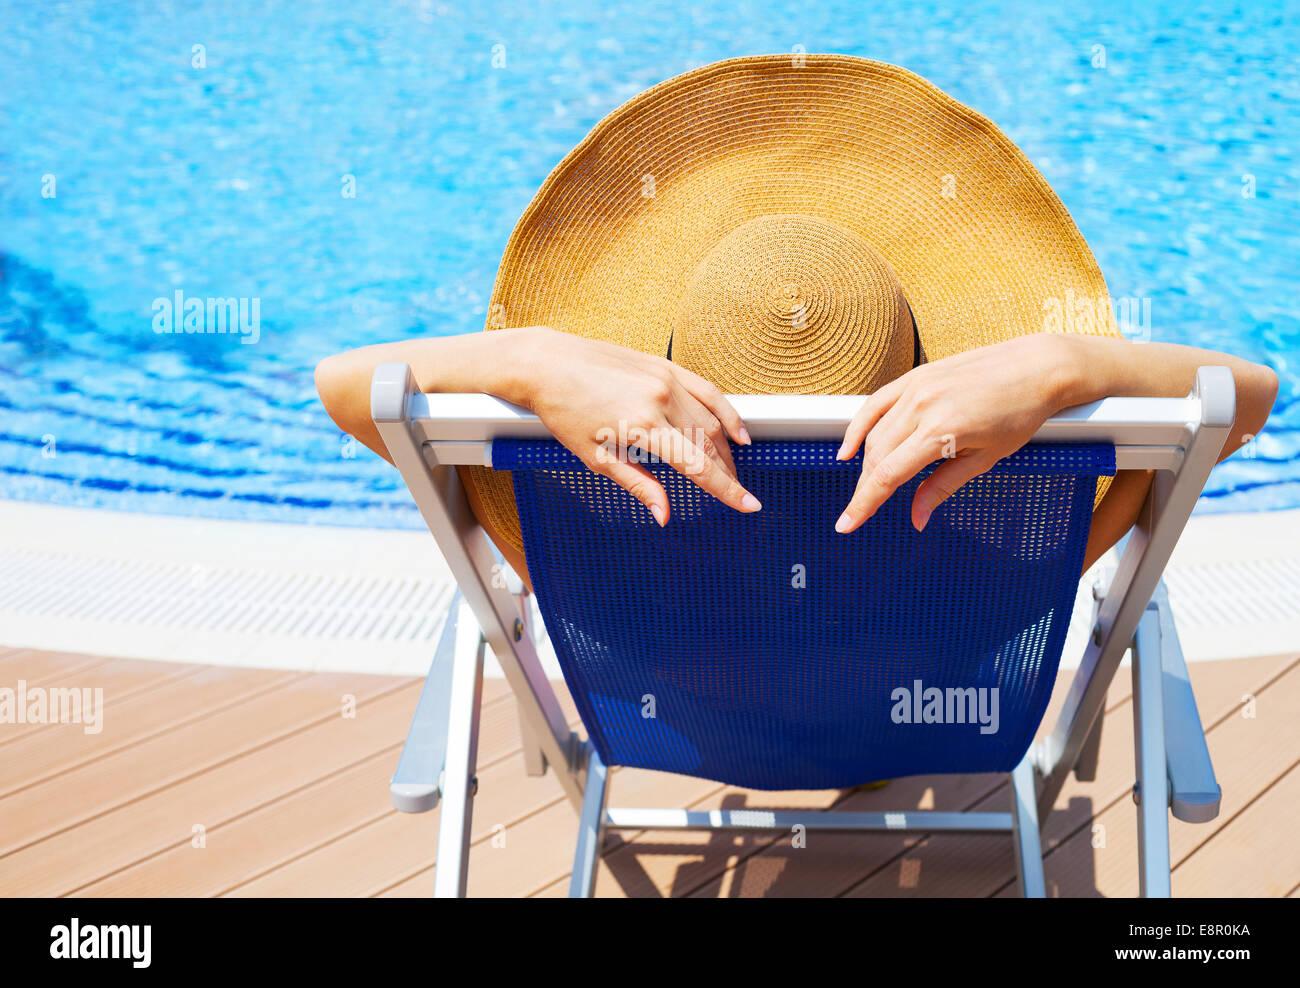 Schöne junge Frau mit Hut auf Liegestuhl am Swimmingpool liegen ...